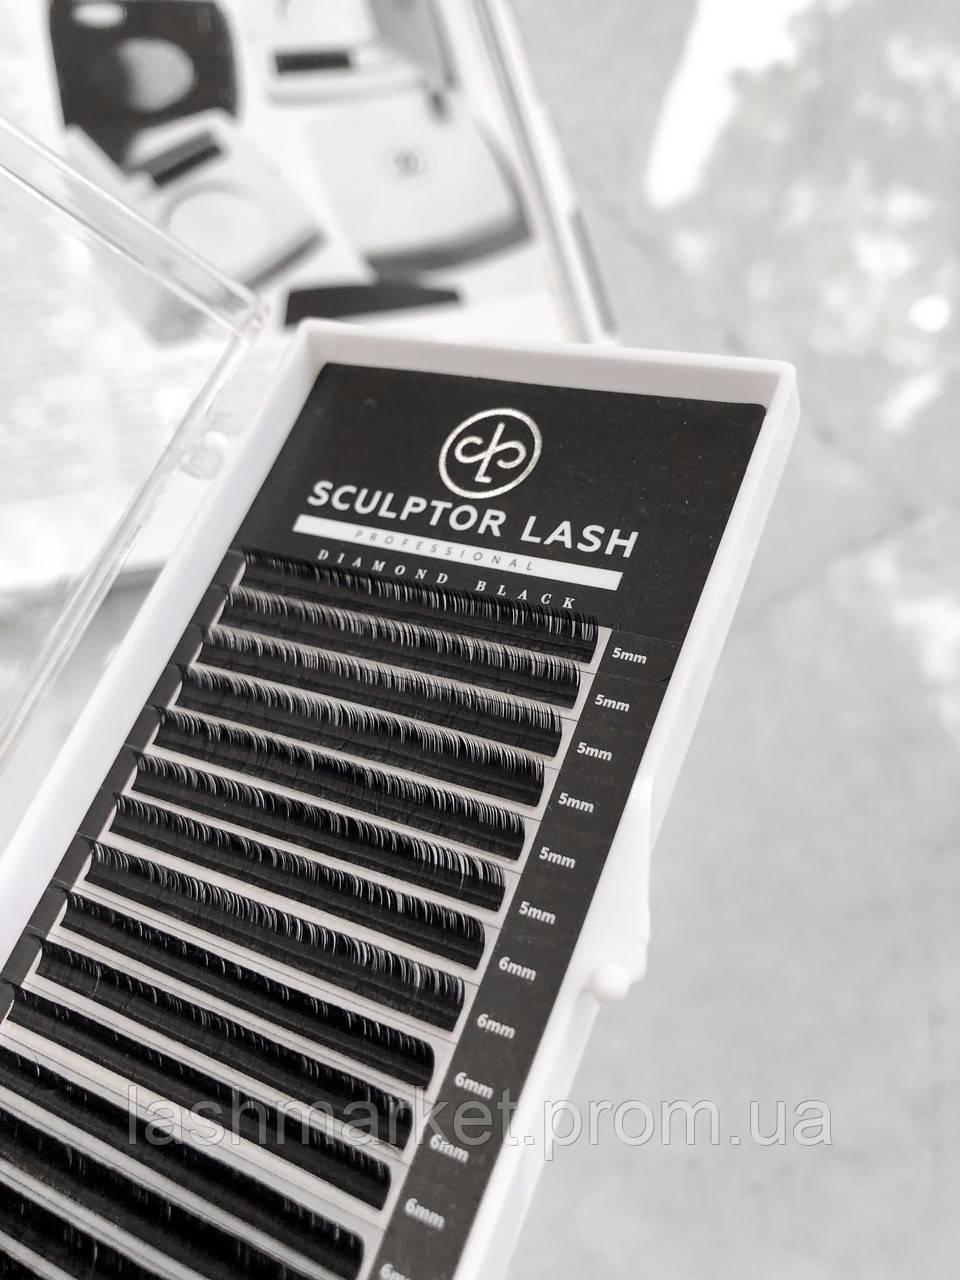 Ресницы ОТД ДЛИНА CC 0.05 12 мм Sculptor Lash Diamond Black черные(для наращивания ресниц)